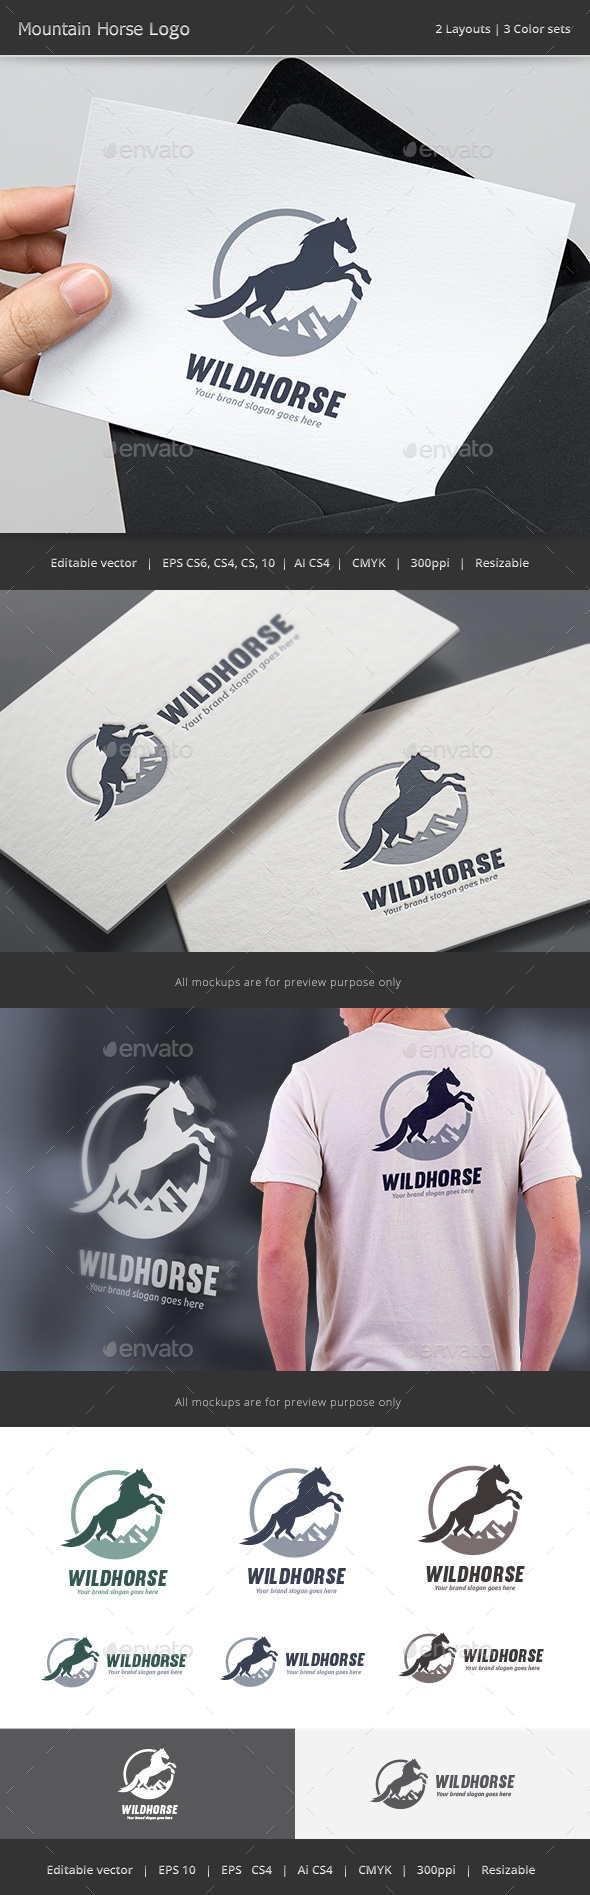 Mountain Horse Logo - Animals Logo Templates